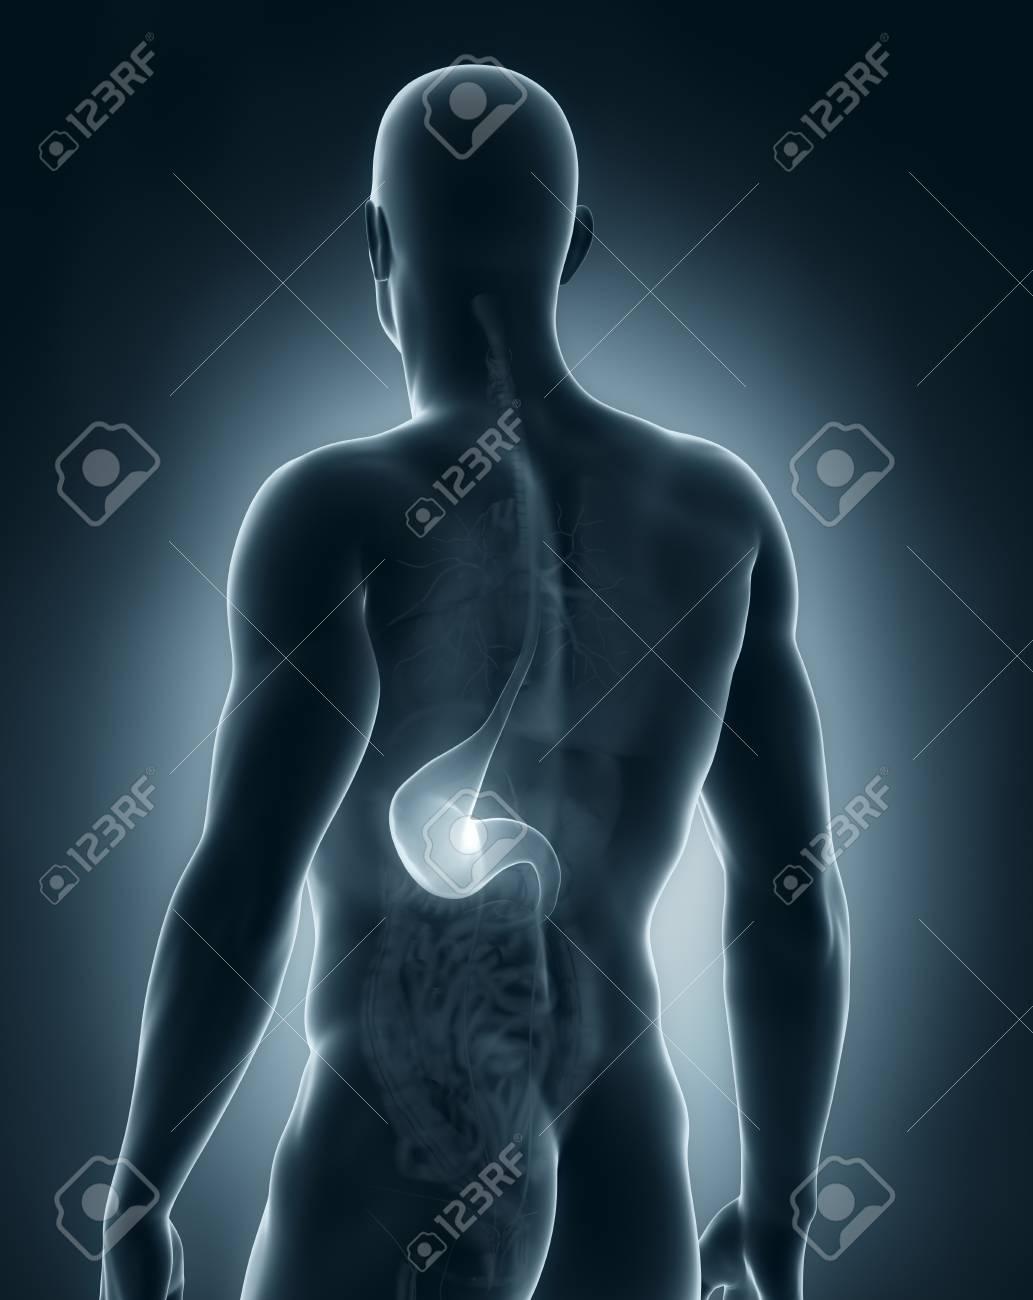 Männlich Magen Anatomie Rückansicht Lizenzfreie Fotos, Bilder Und ...